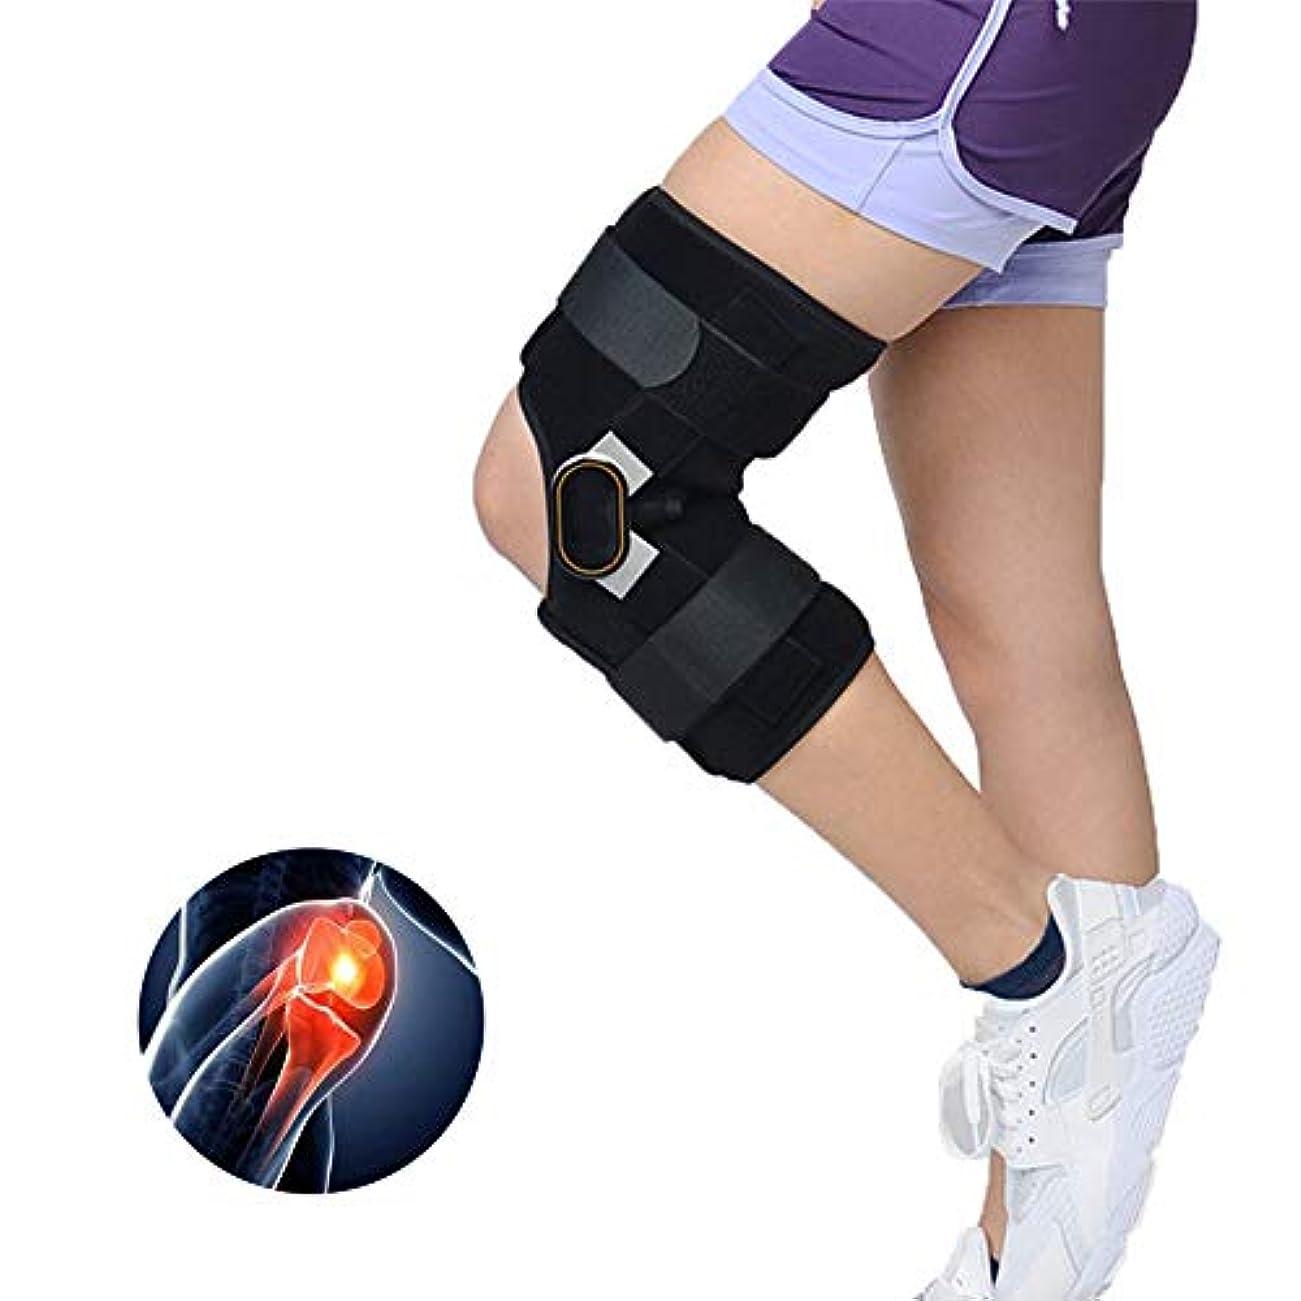 最後のマトリックス側溝調整可能な膝サポーター、痛みを軽減するための圧迫膝スリーブ、半月板裂傷、関節炎、ランニングに適して、サイクリング,M